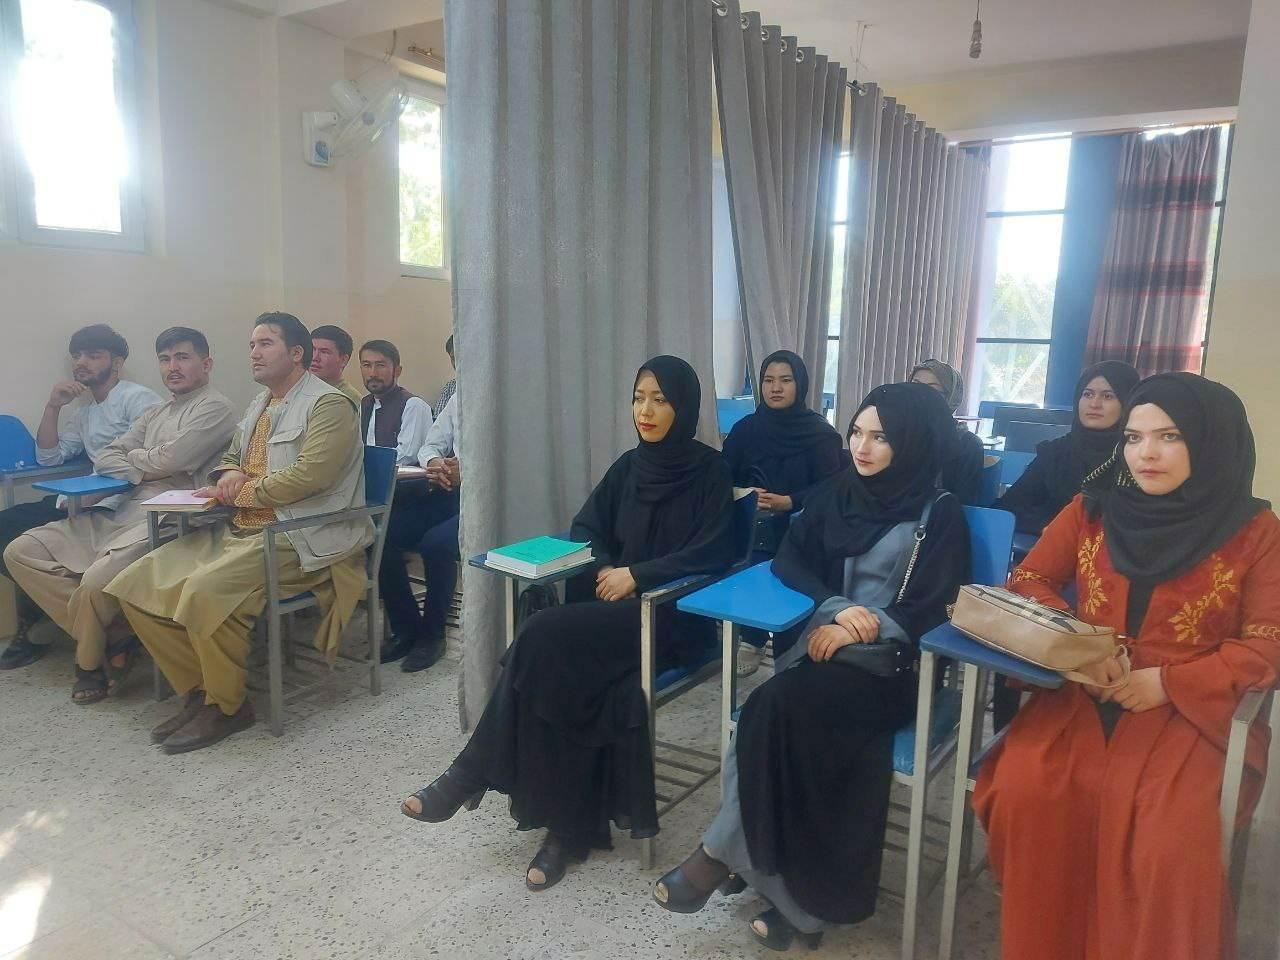 Talibã anuncia permissão para que mulheres possam estudar, mas impõe regras